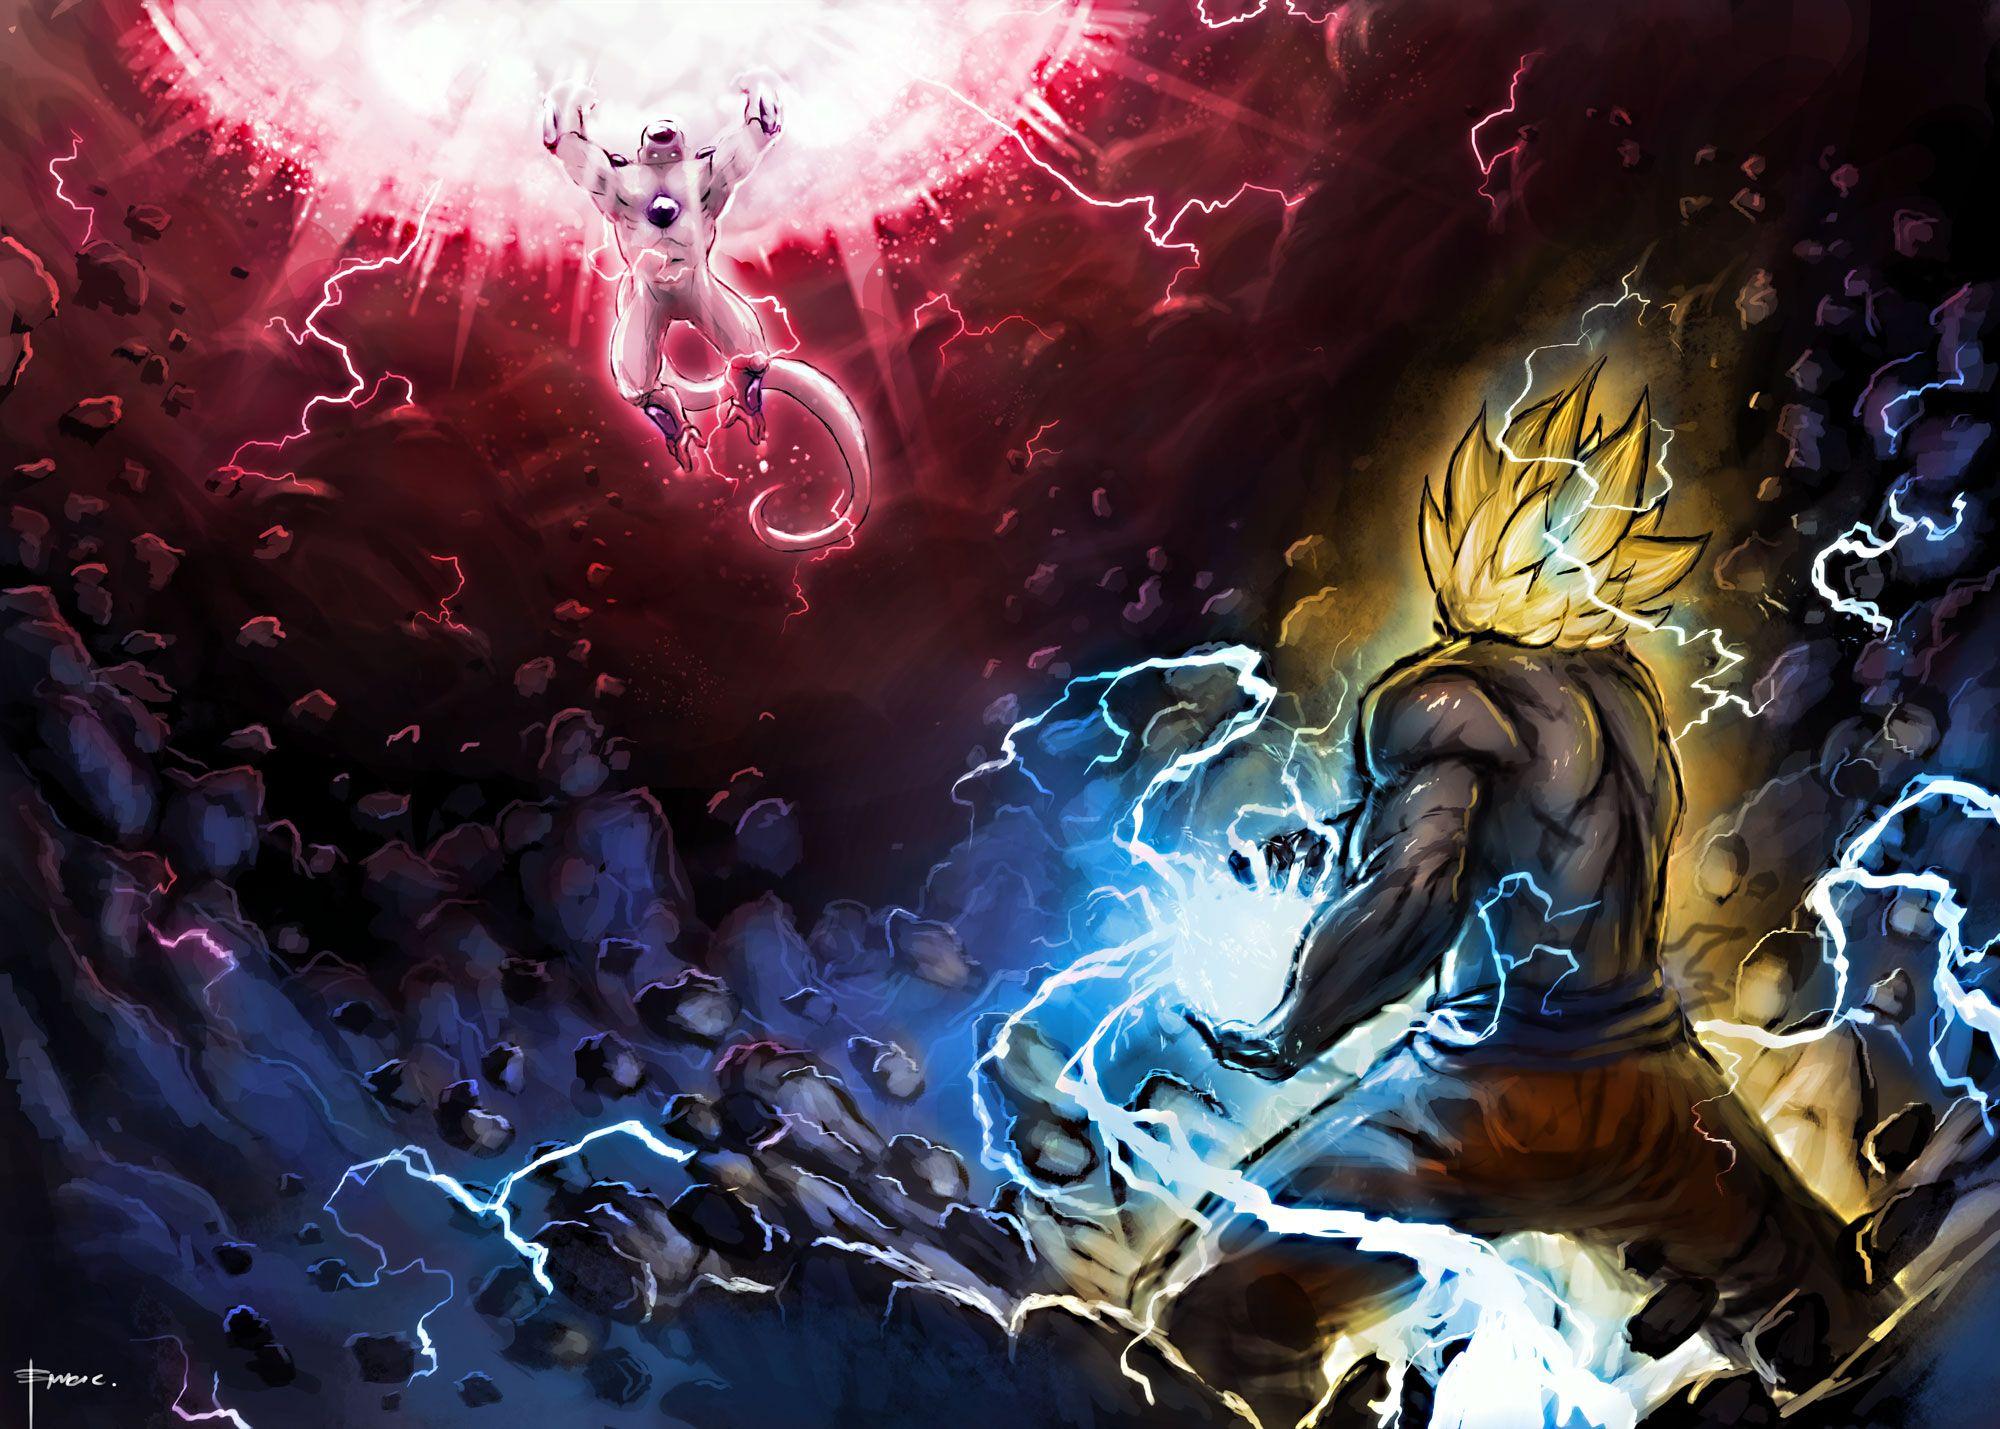 Hd wallpaper dragon - Dragon Ball Z Hd Images 4